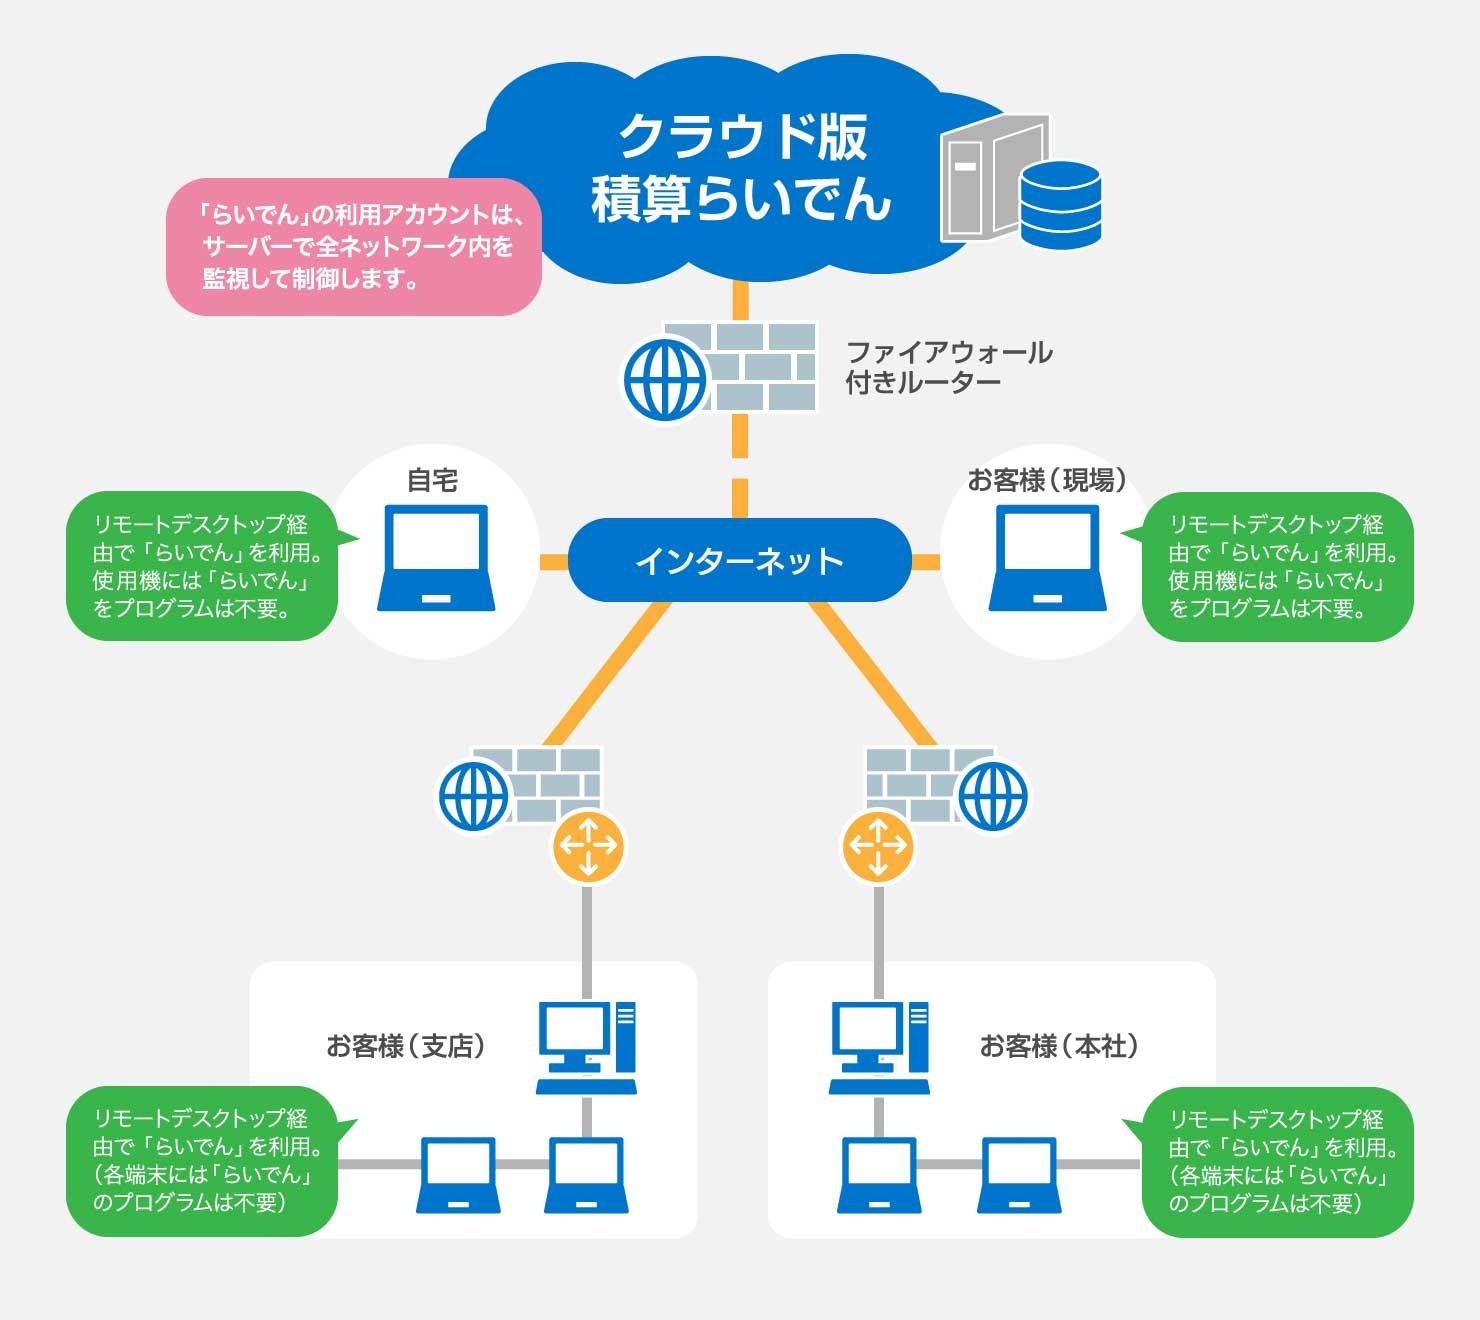 ネットワーク運用形態|製品情報...